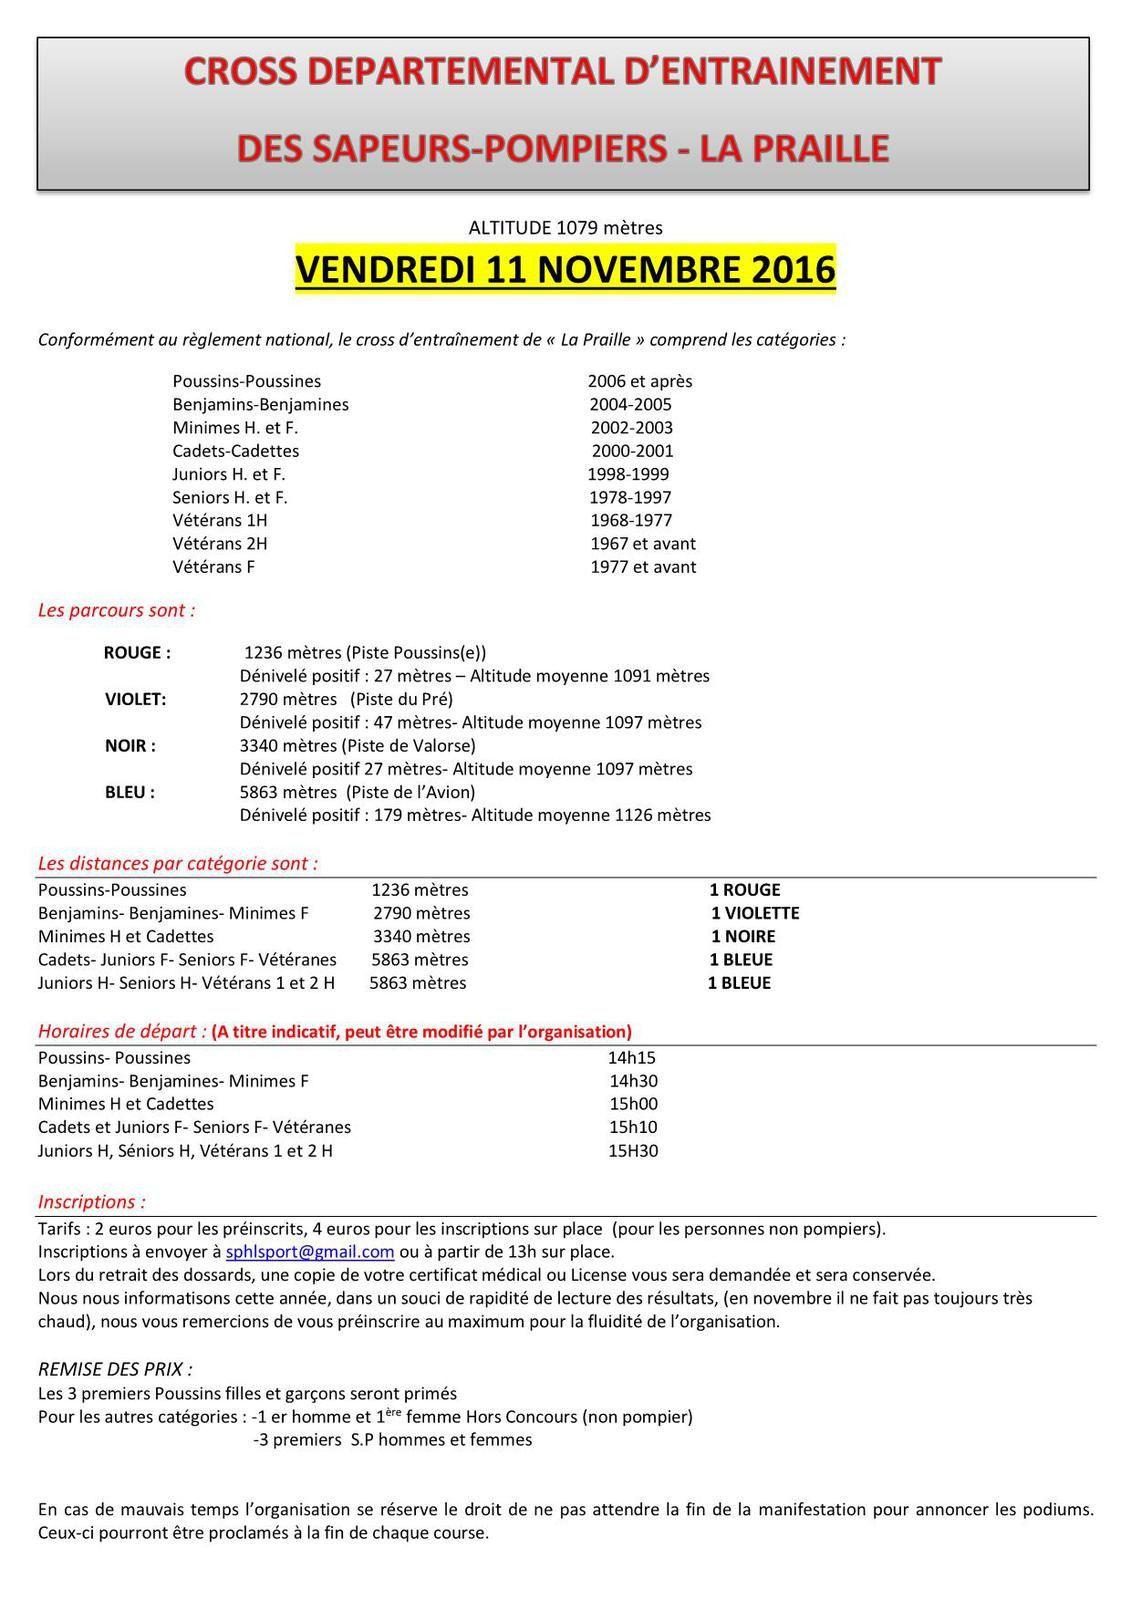 Cross départemental des sapeurs pompiers... vendredi 11 novembre.